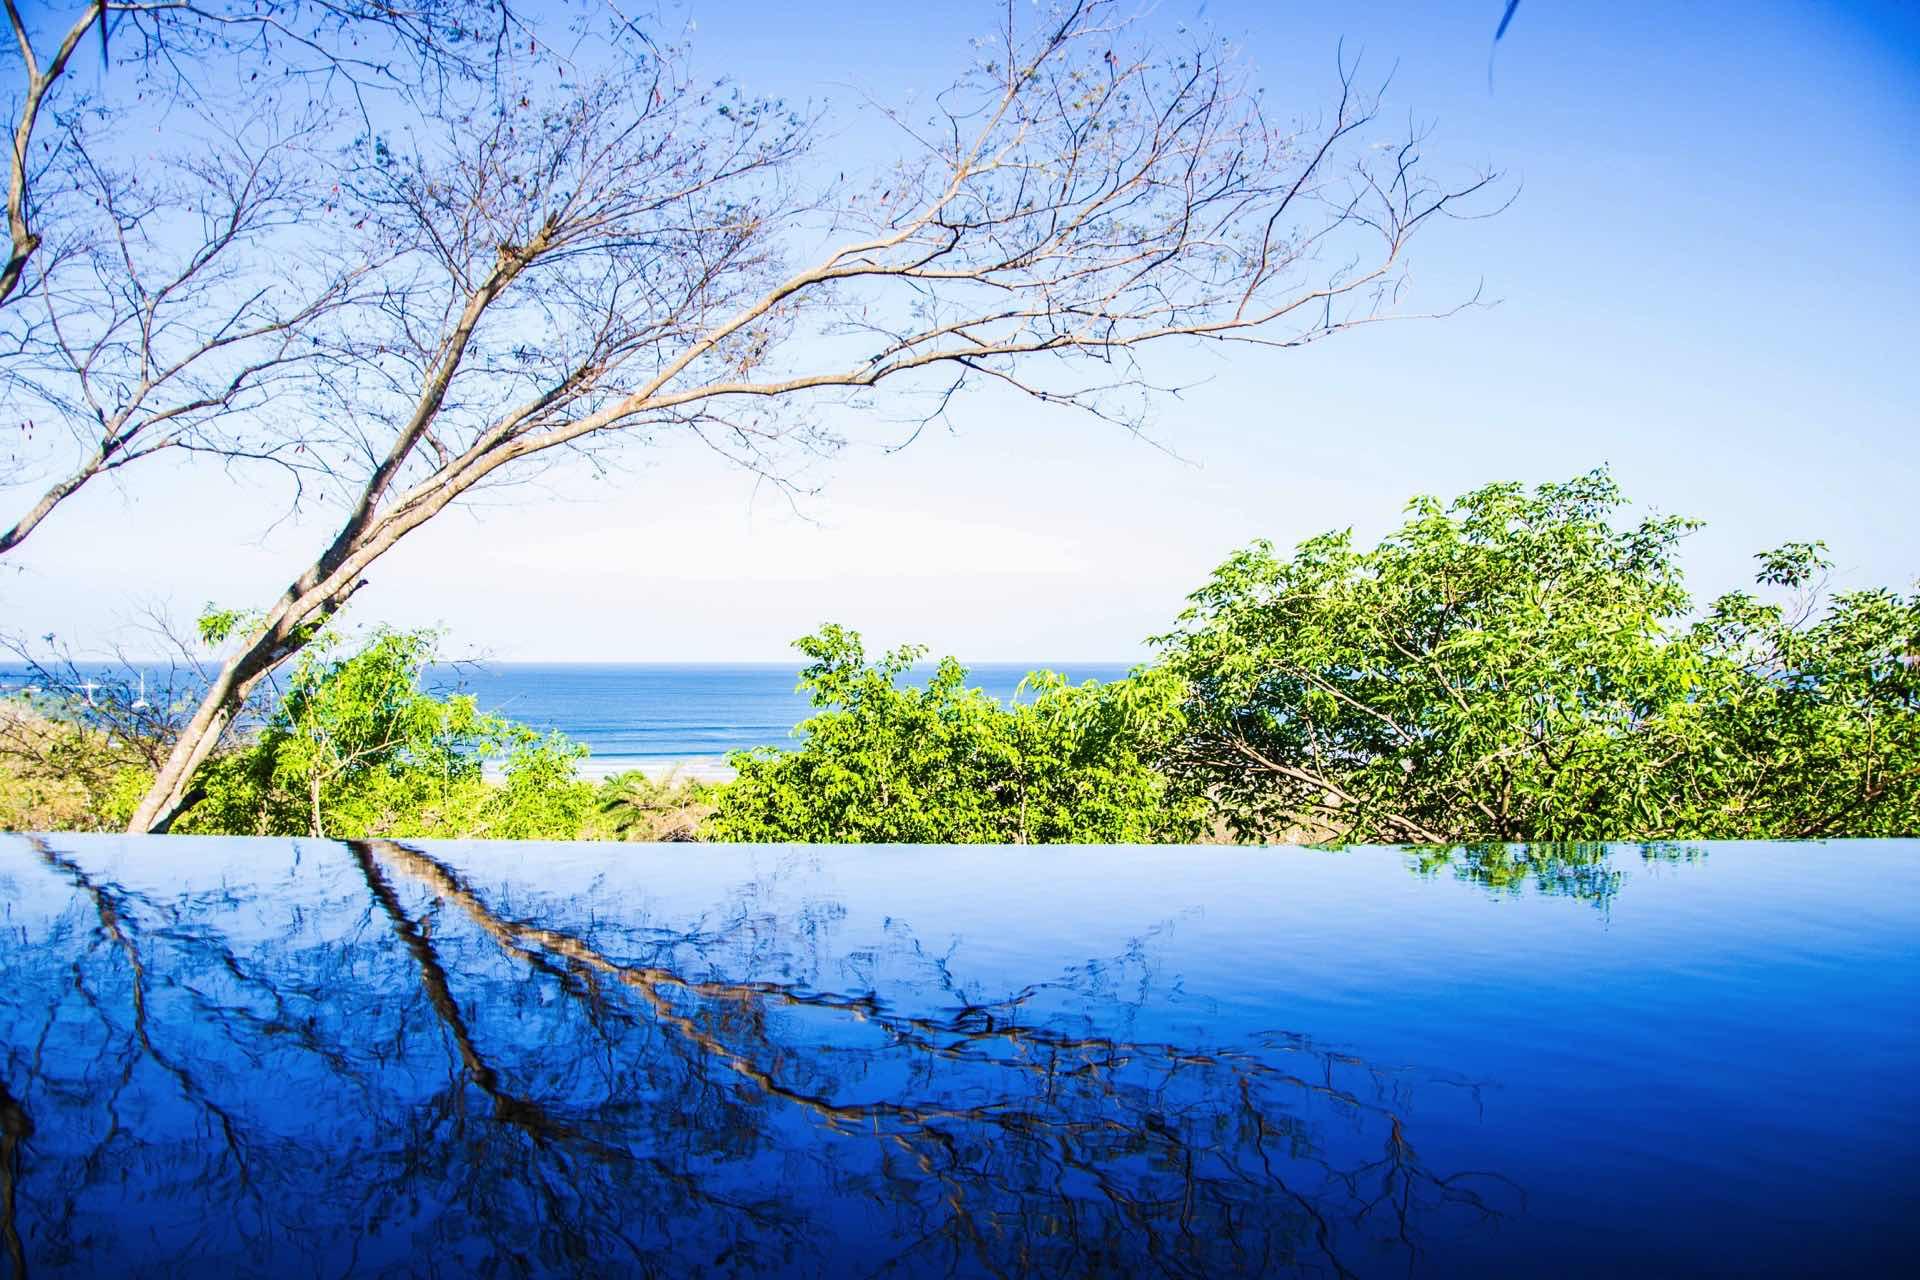 infinity pool overlooking infinite horizon